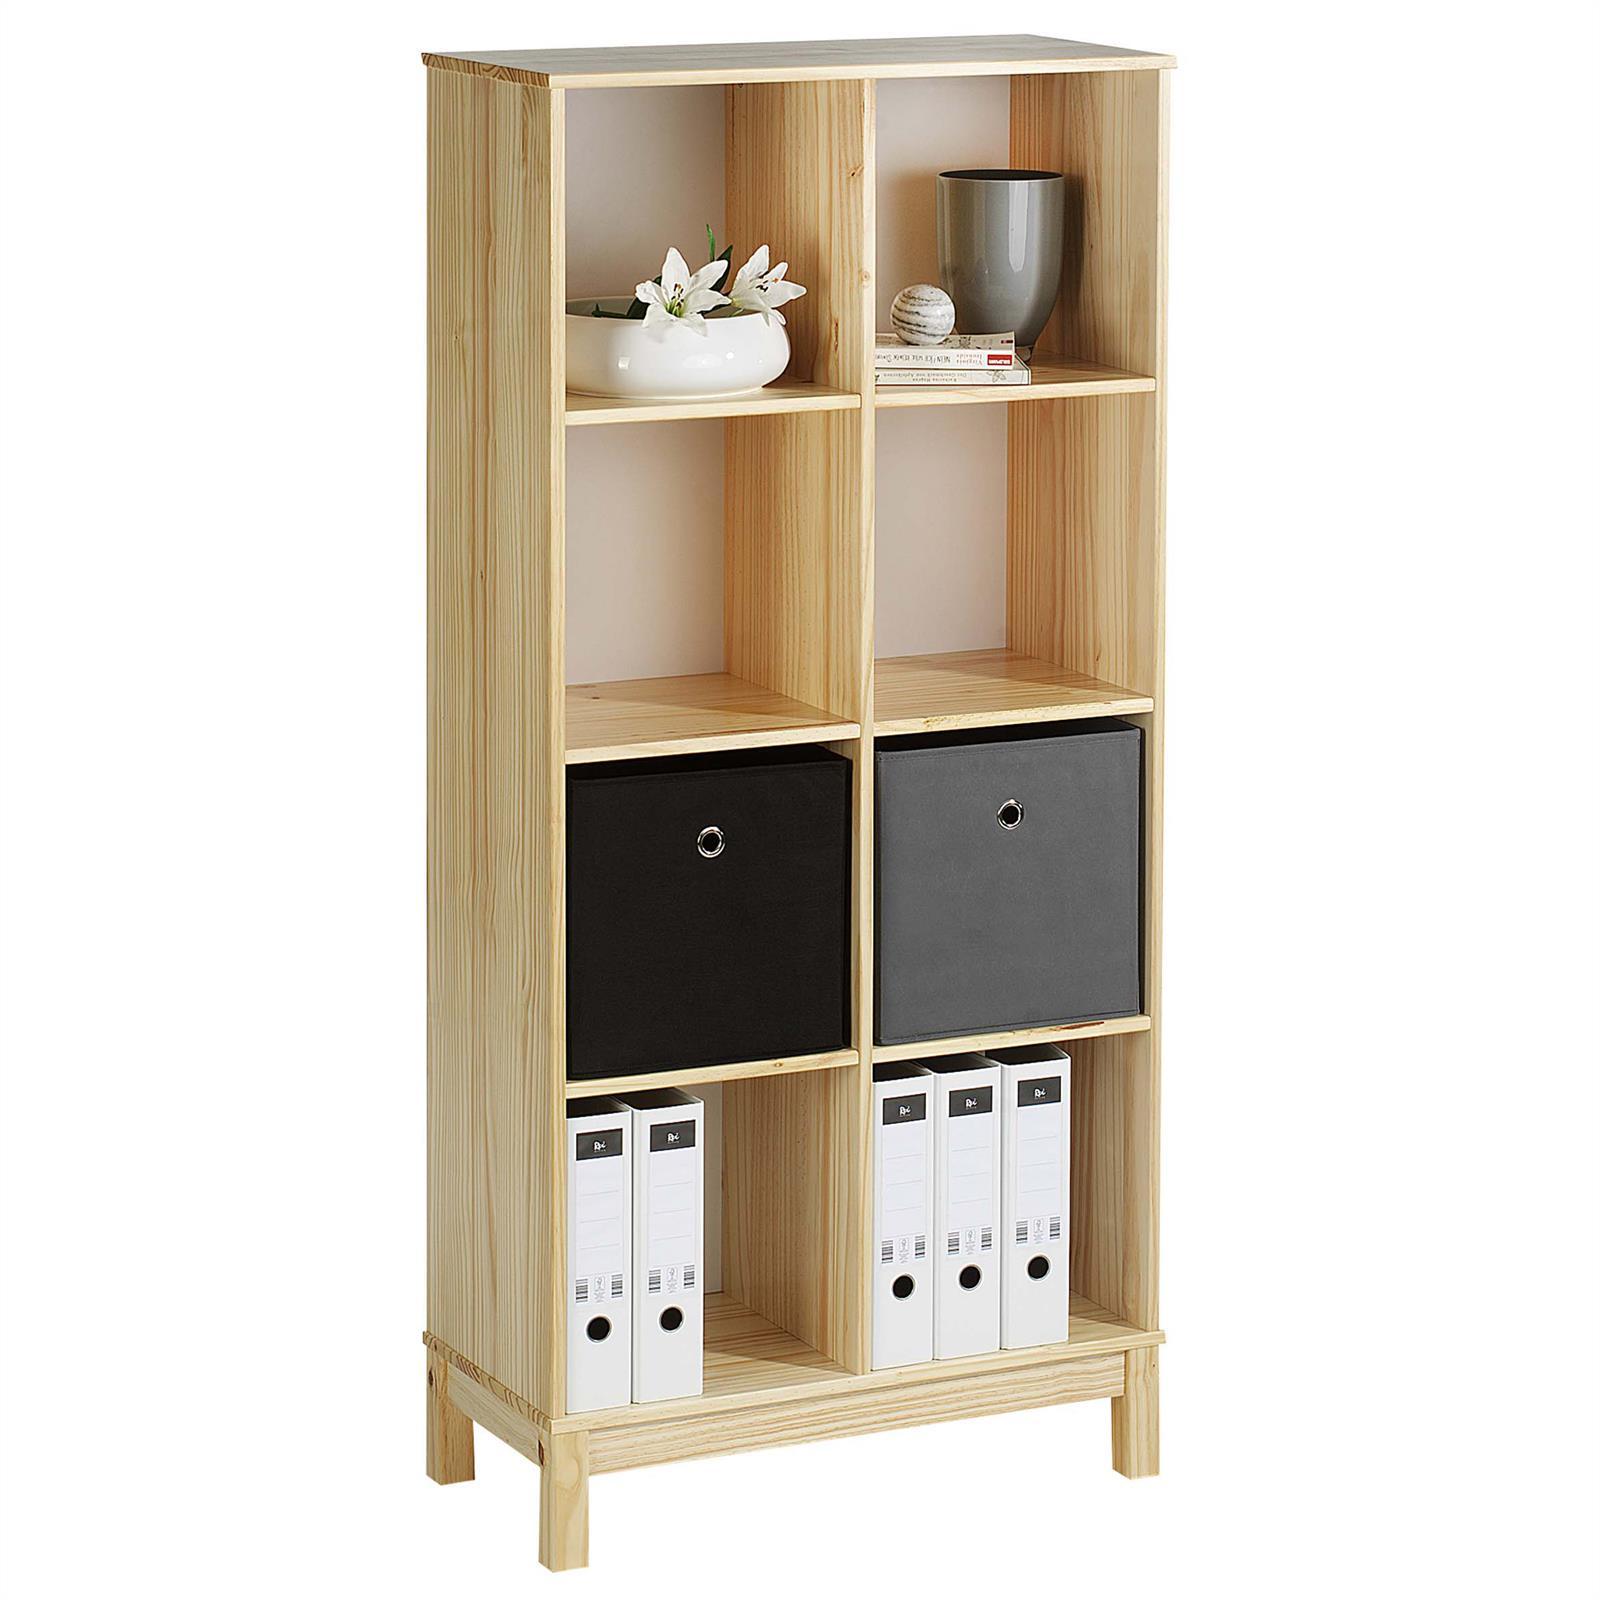 regal standregal logo mit 8 f cher kiefer natur mobilia24. Black Bedroom Furniture Sets. Home Design Ideas